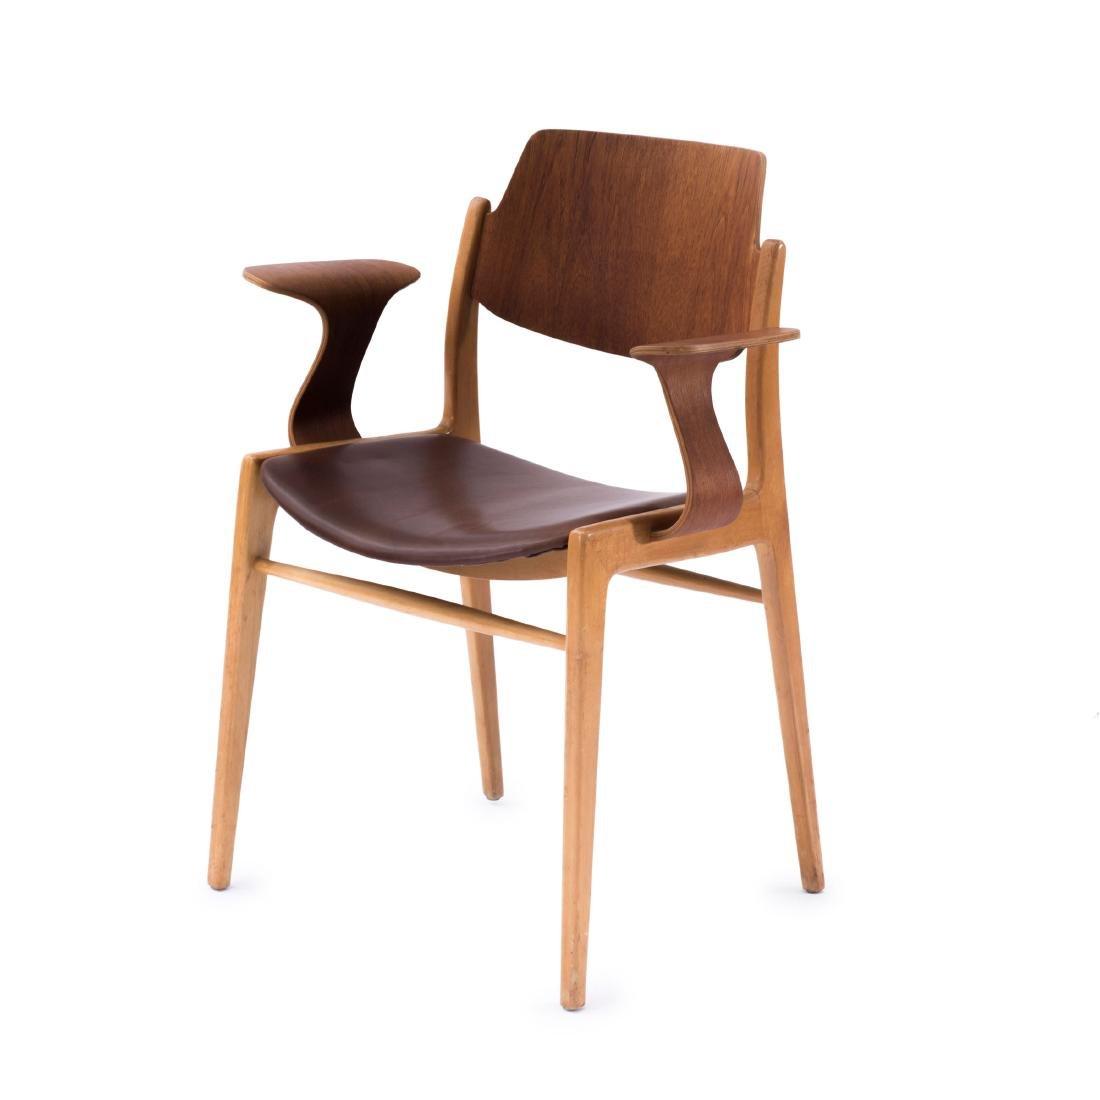 '476A' armchair, c1958